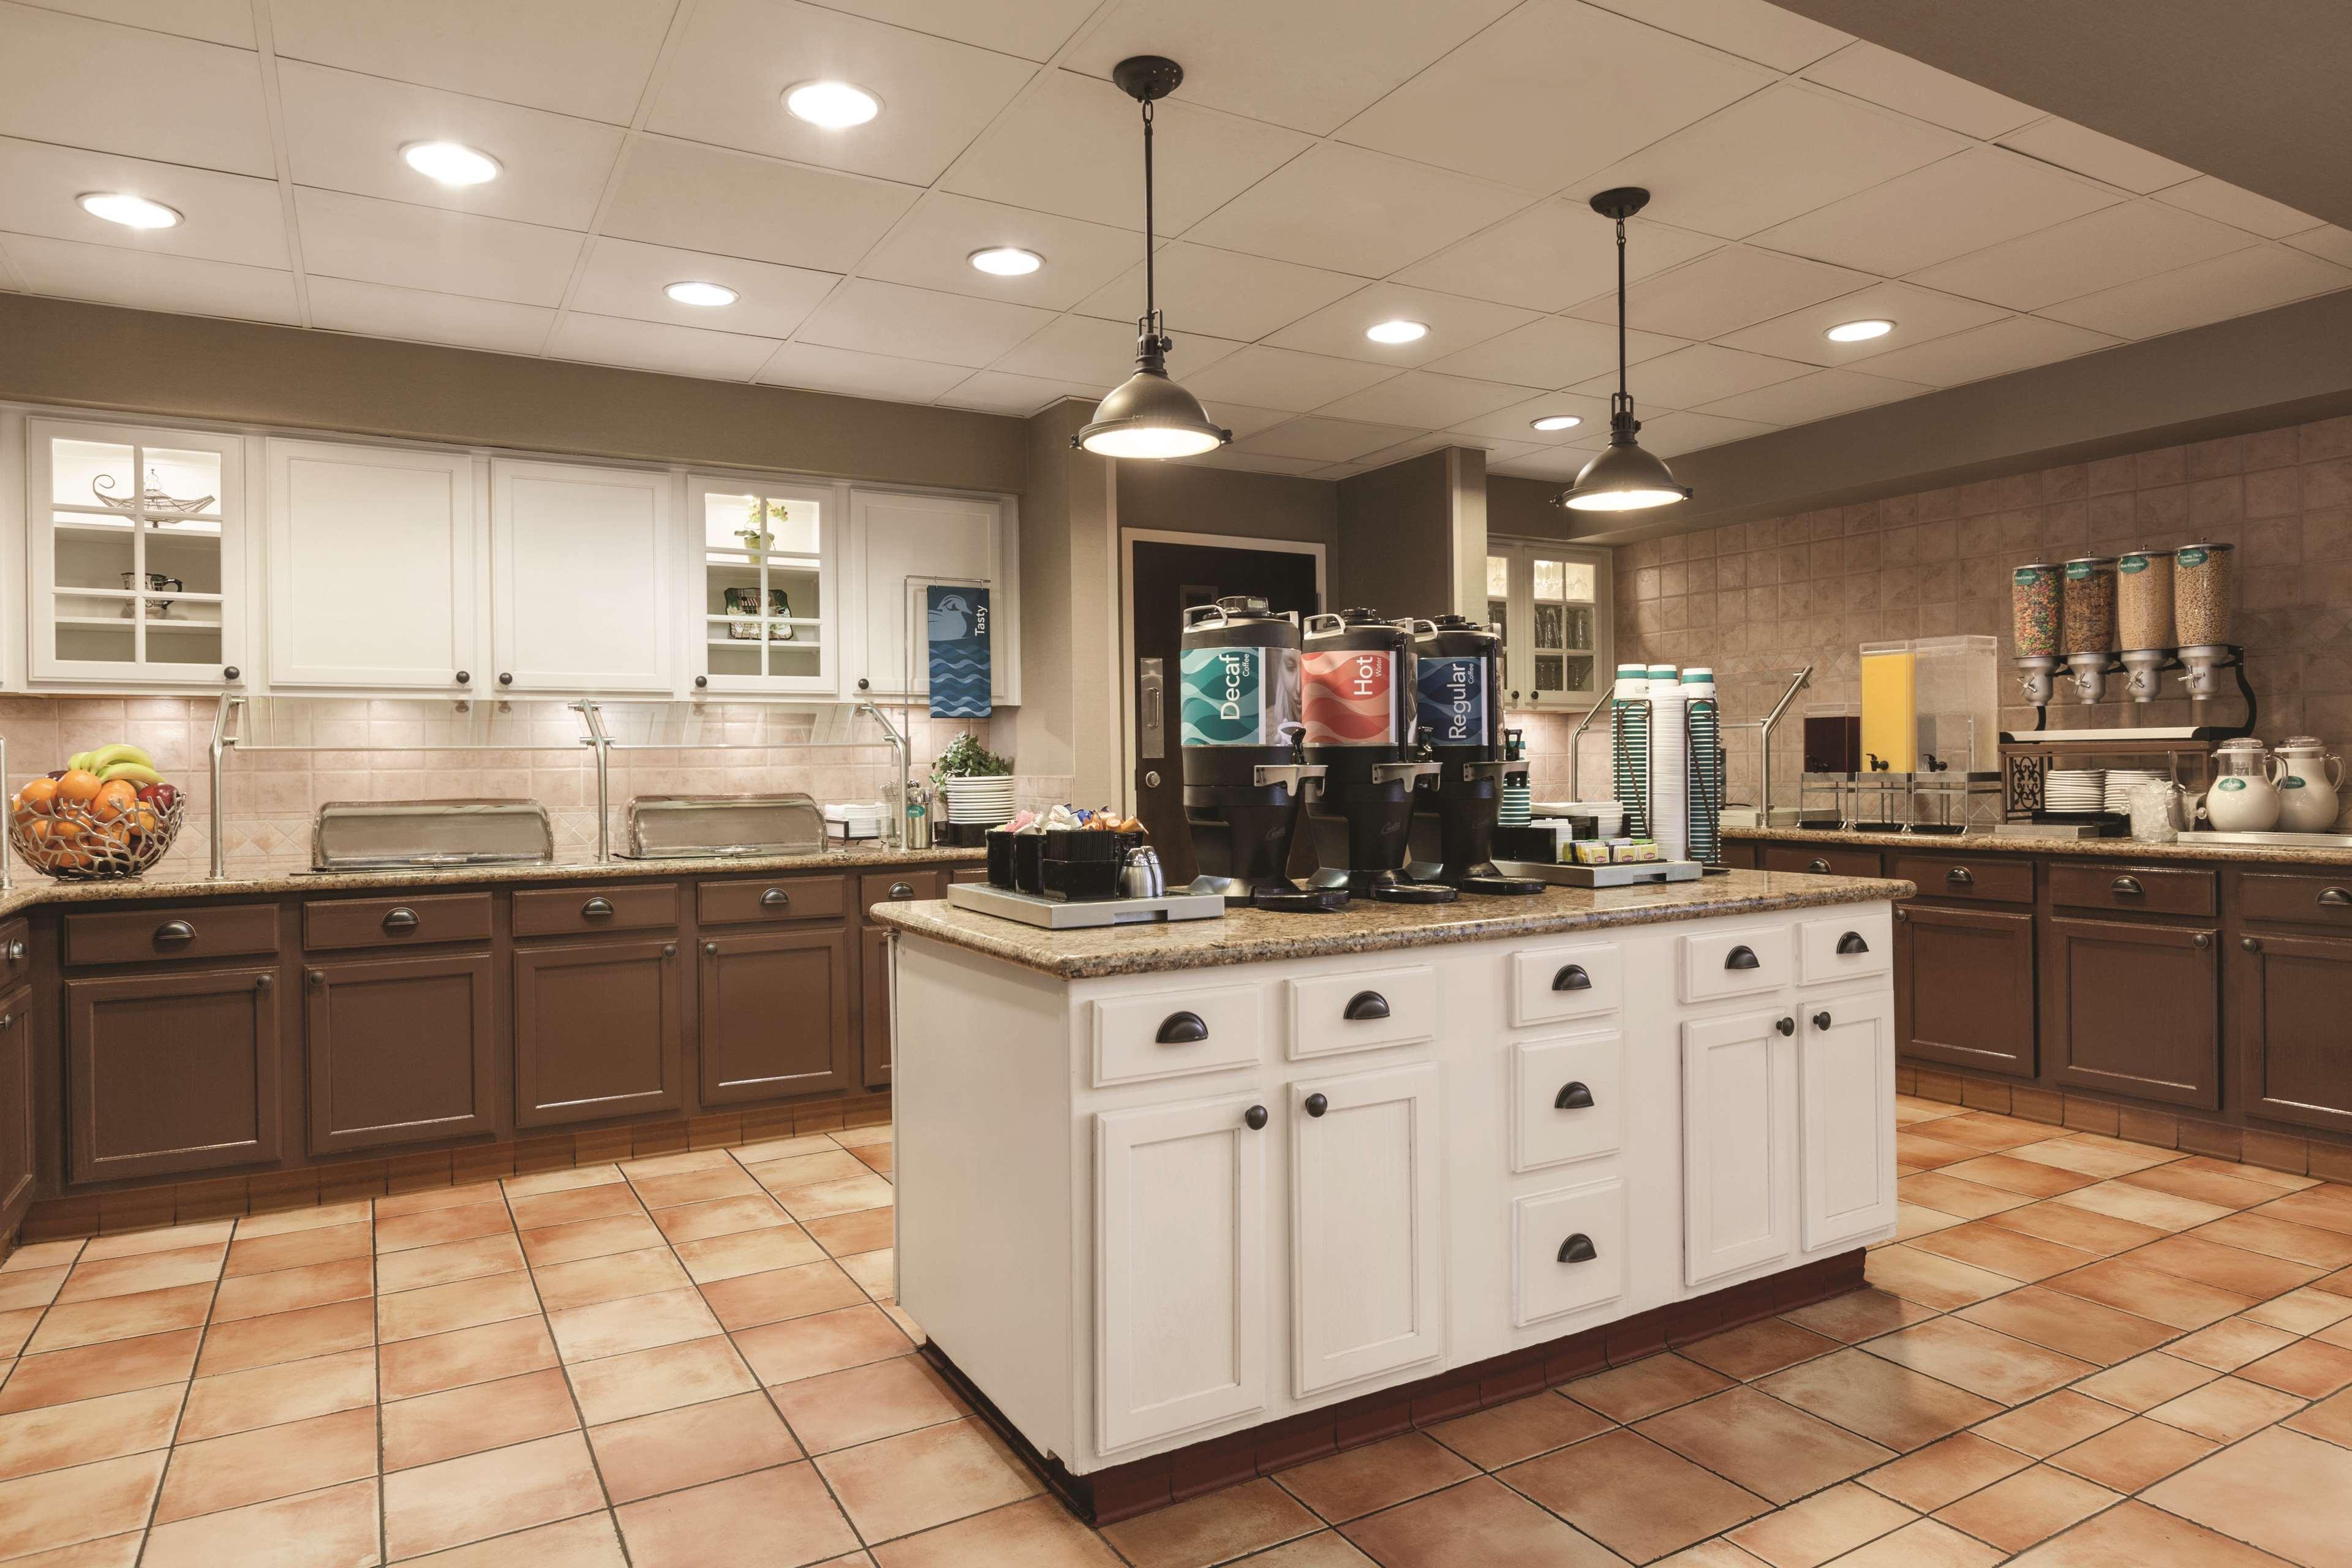 Homewood Suites by Hilton La Quinta image 11